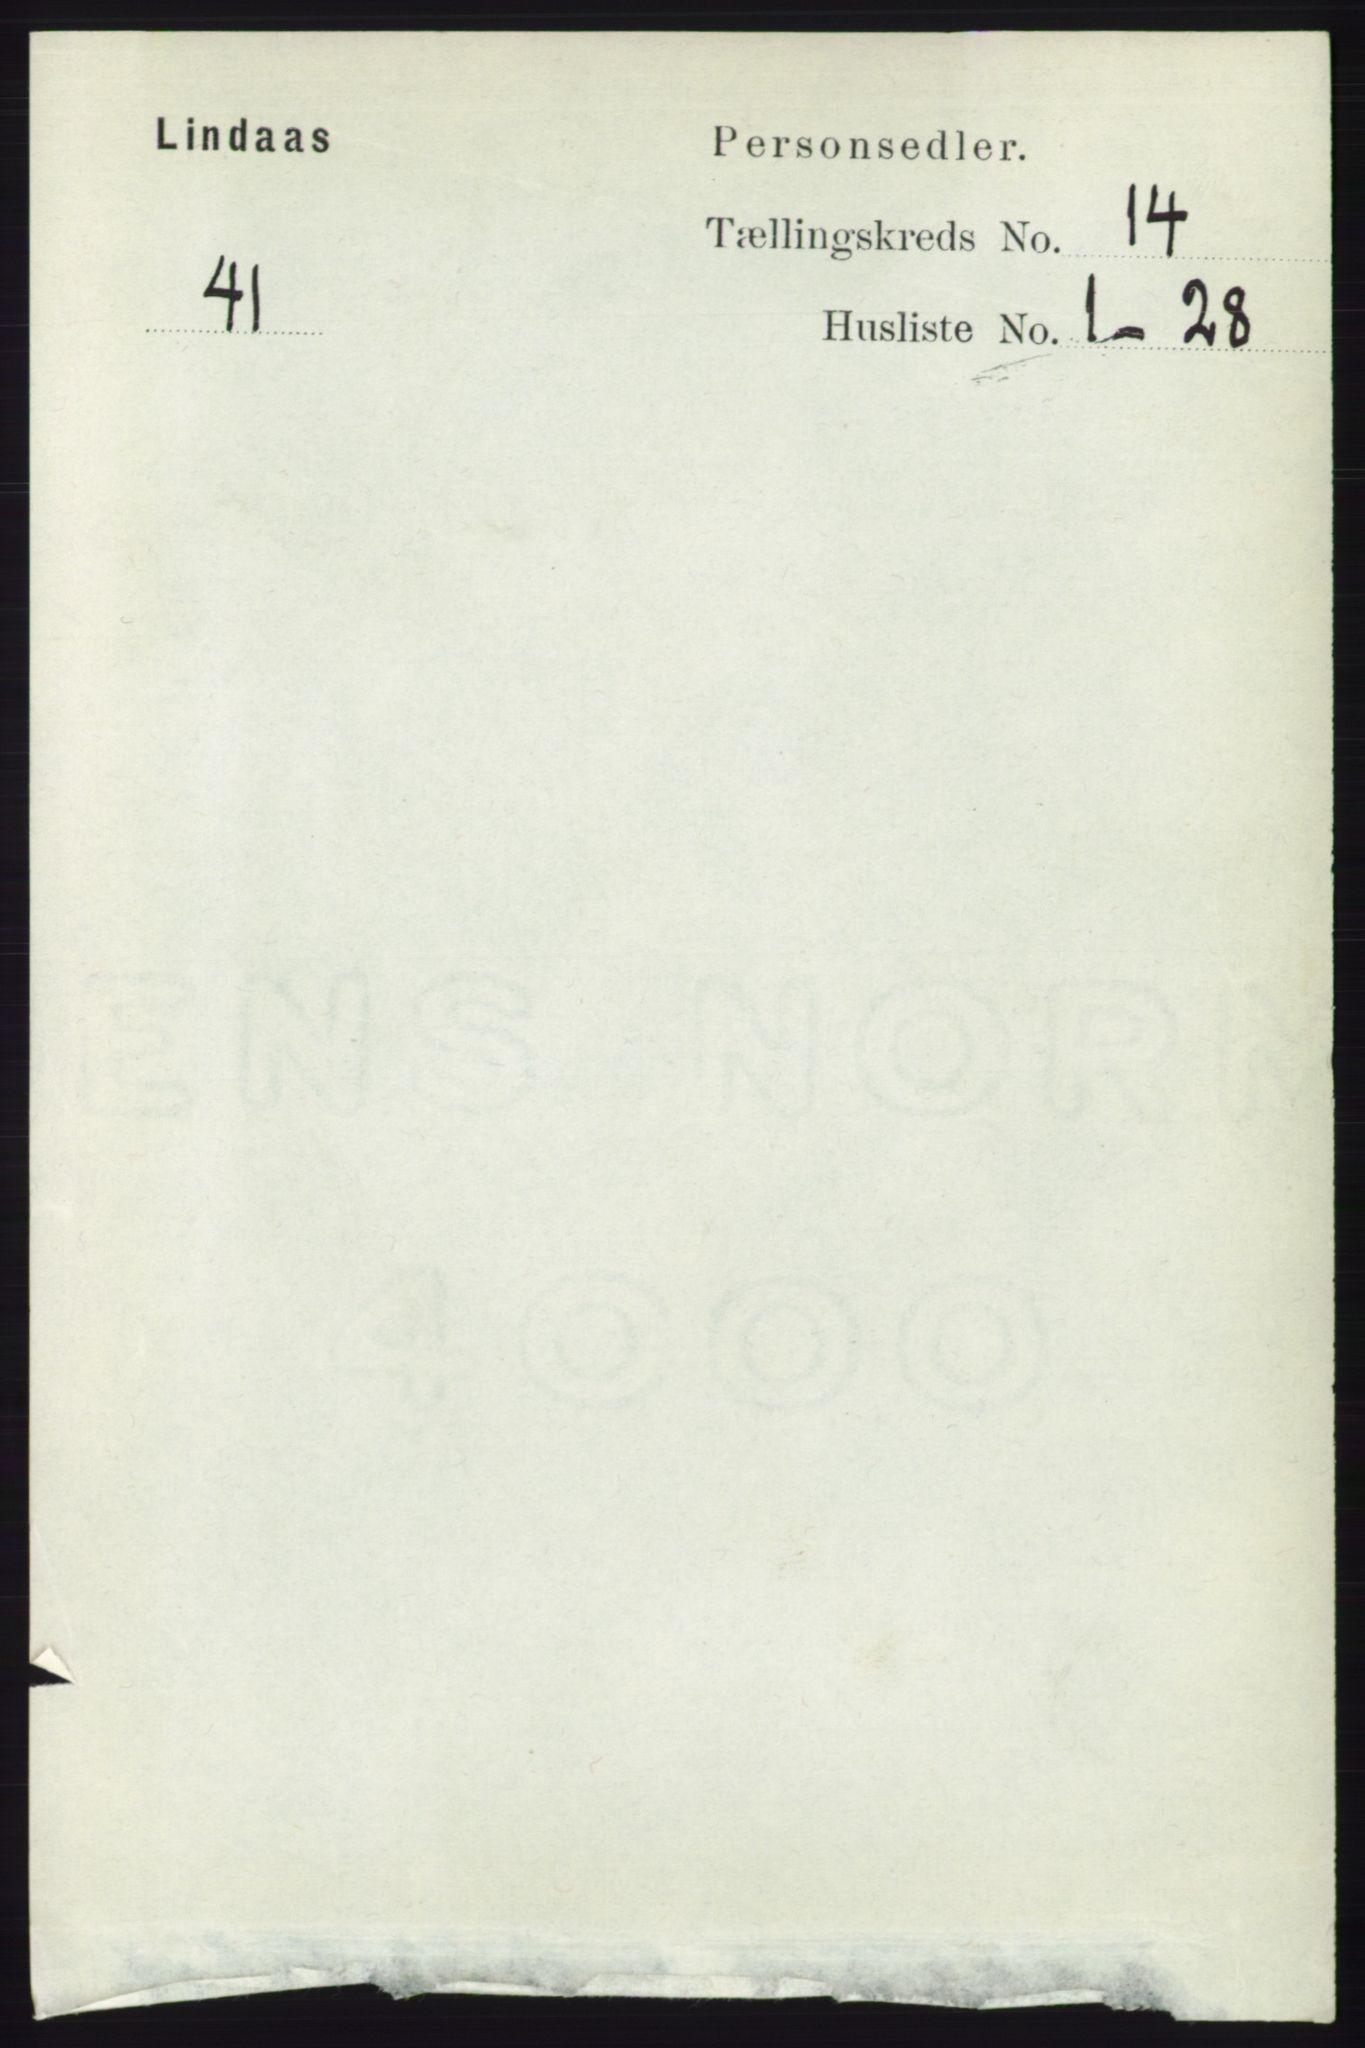 RA, Folketelling 1891 for 1263 Lindås herred, 1891, s. 4891